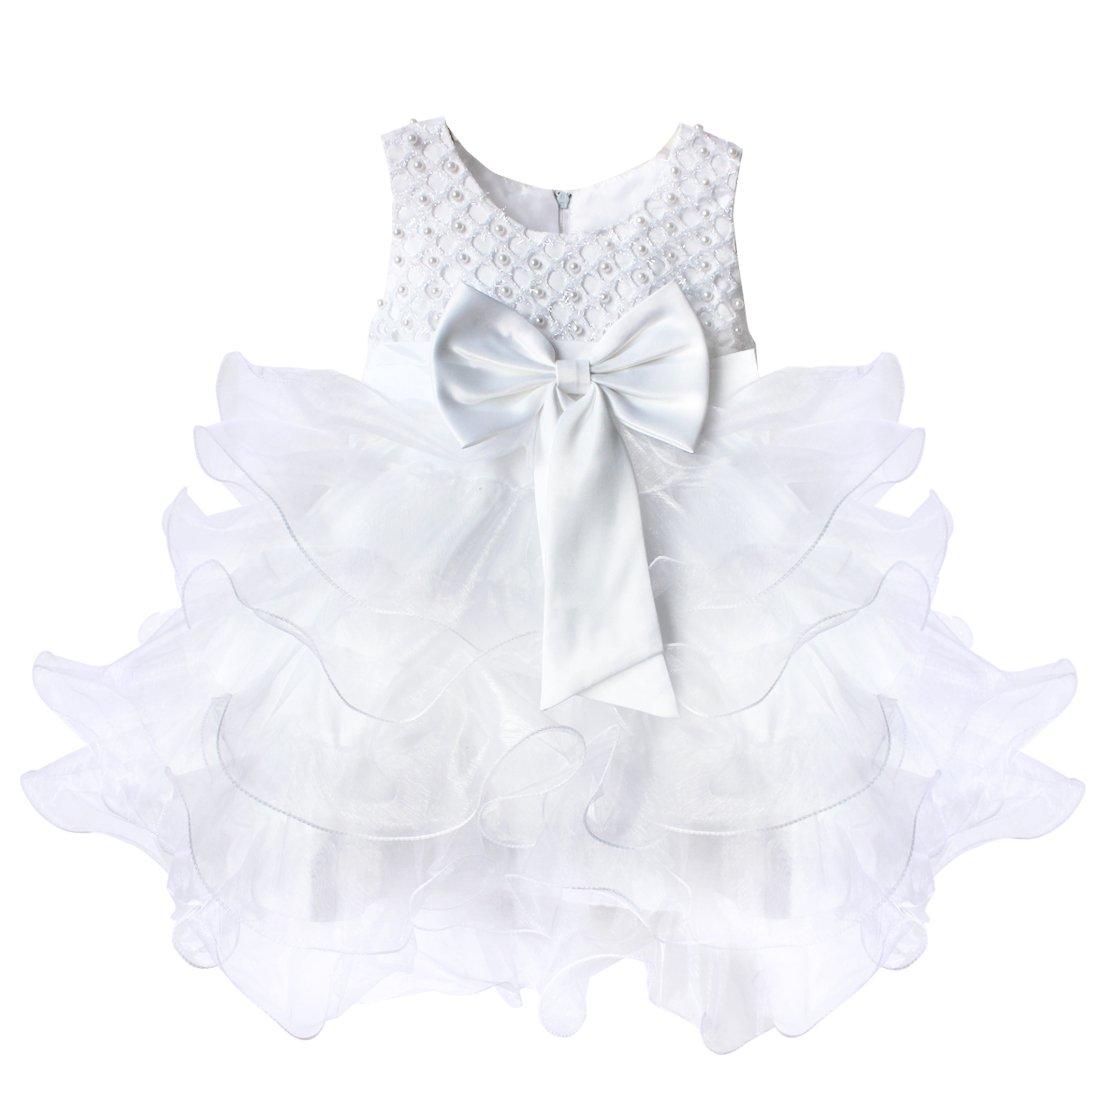 65b7a5f7c6c12 TiaoBug Robe de Baptême Bébé Fille Robe de Cérémonie Jupe Tutu Robe  Froufrous 3 Mois-4 Ans (9-12 Mois